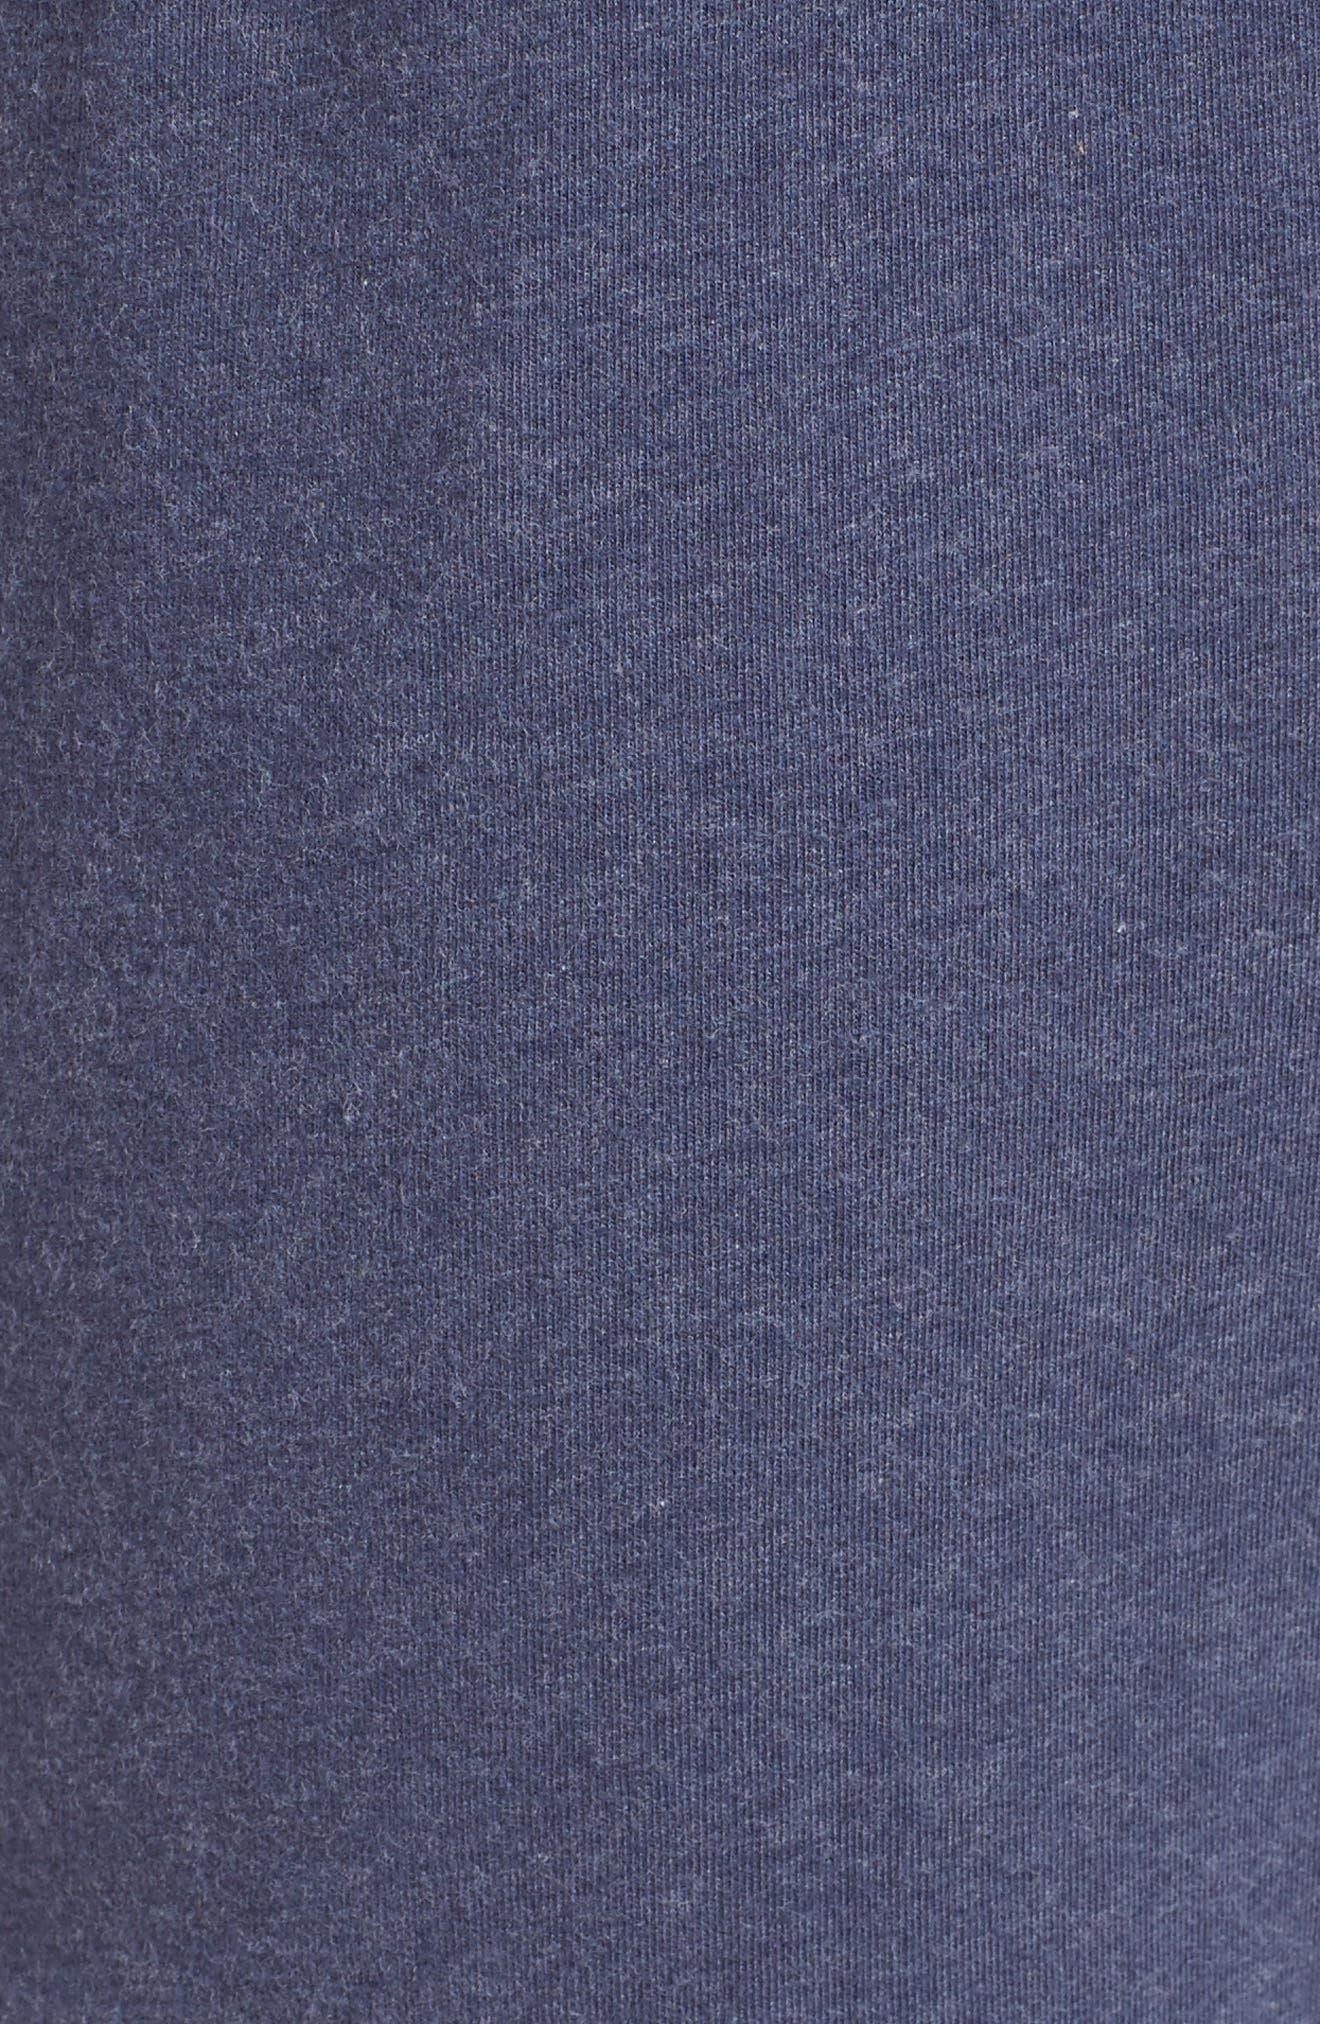 Stretch Cotton Lounge Pants,                             Alternate thumbnail 10, color,